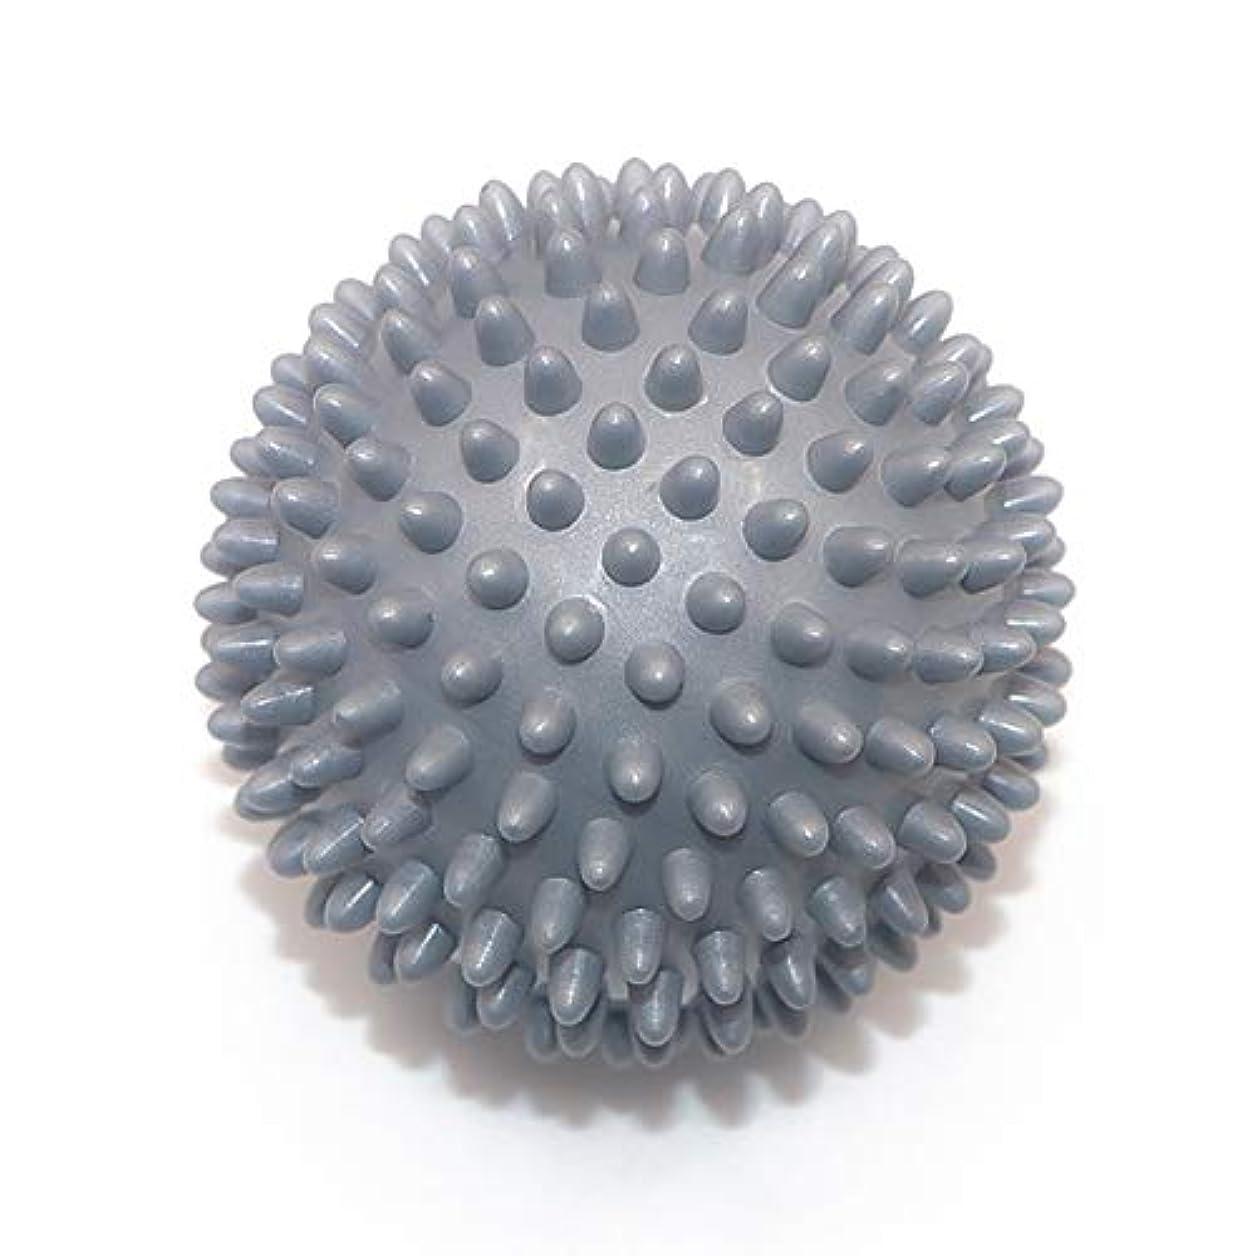 存在ところで看板Liti マッサージボール リハビリ 触覚ボール リフレクションボール 筋膜リリース リハビリ マッサージ用 グレー